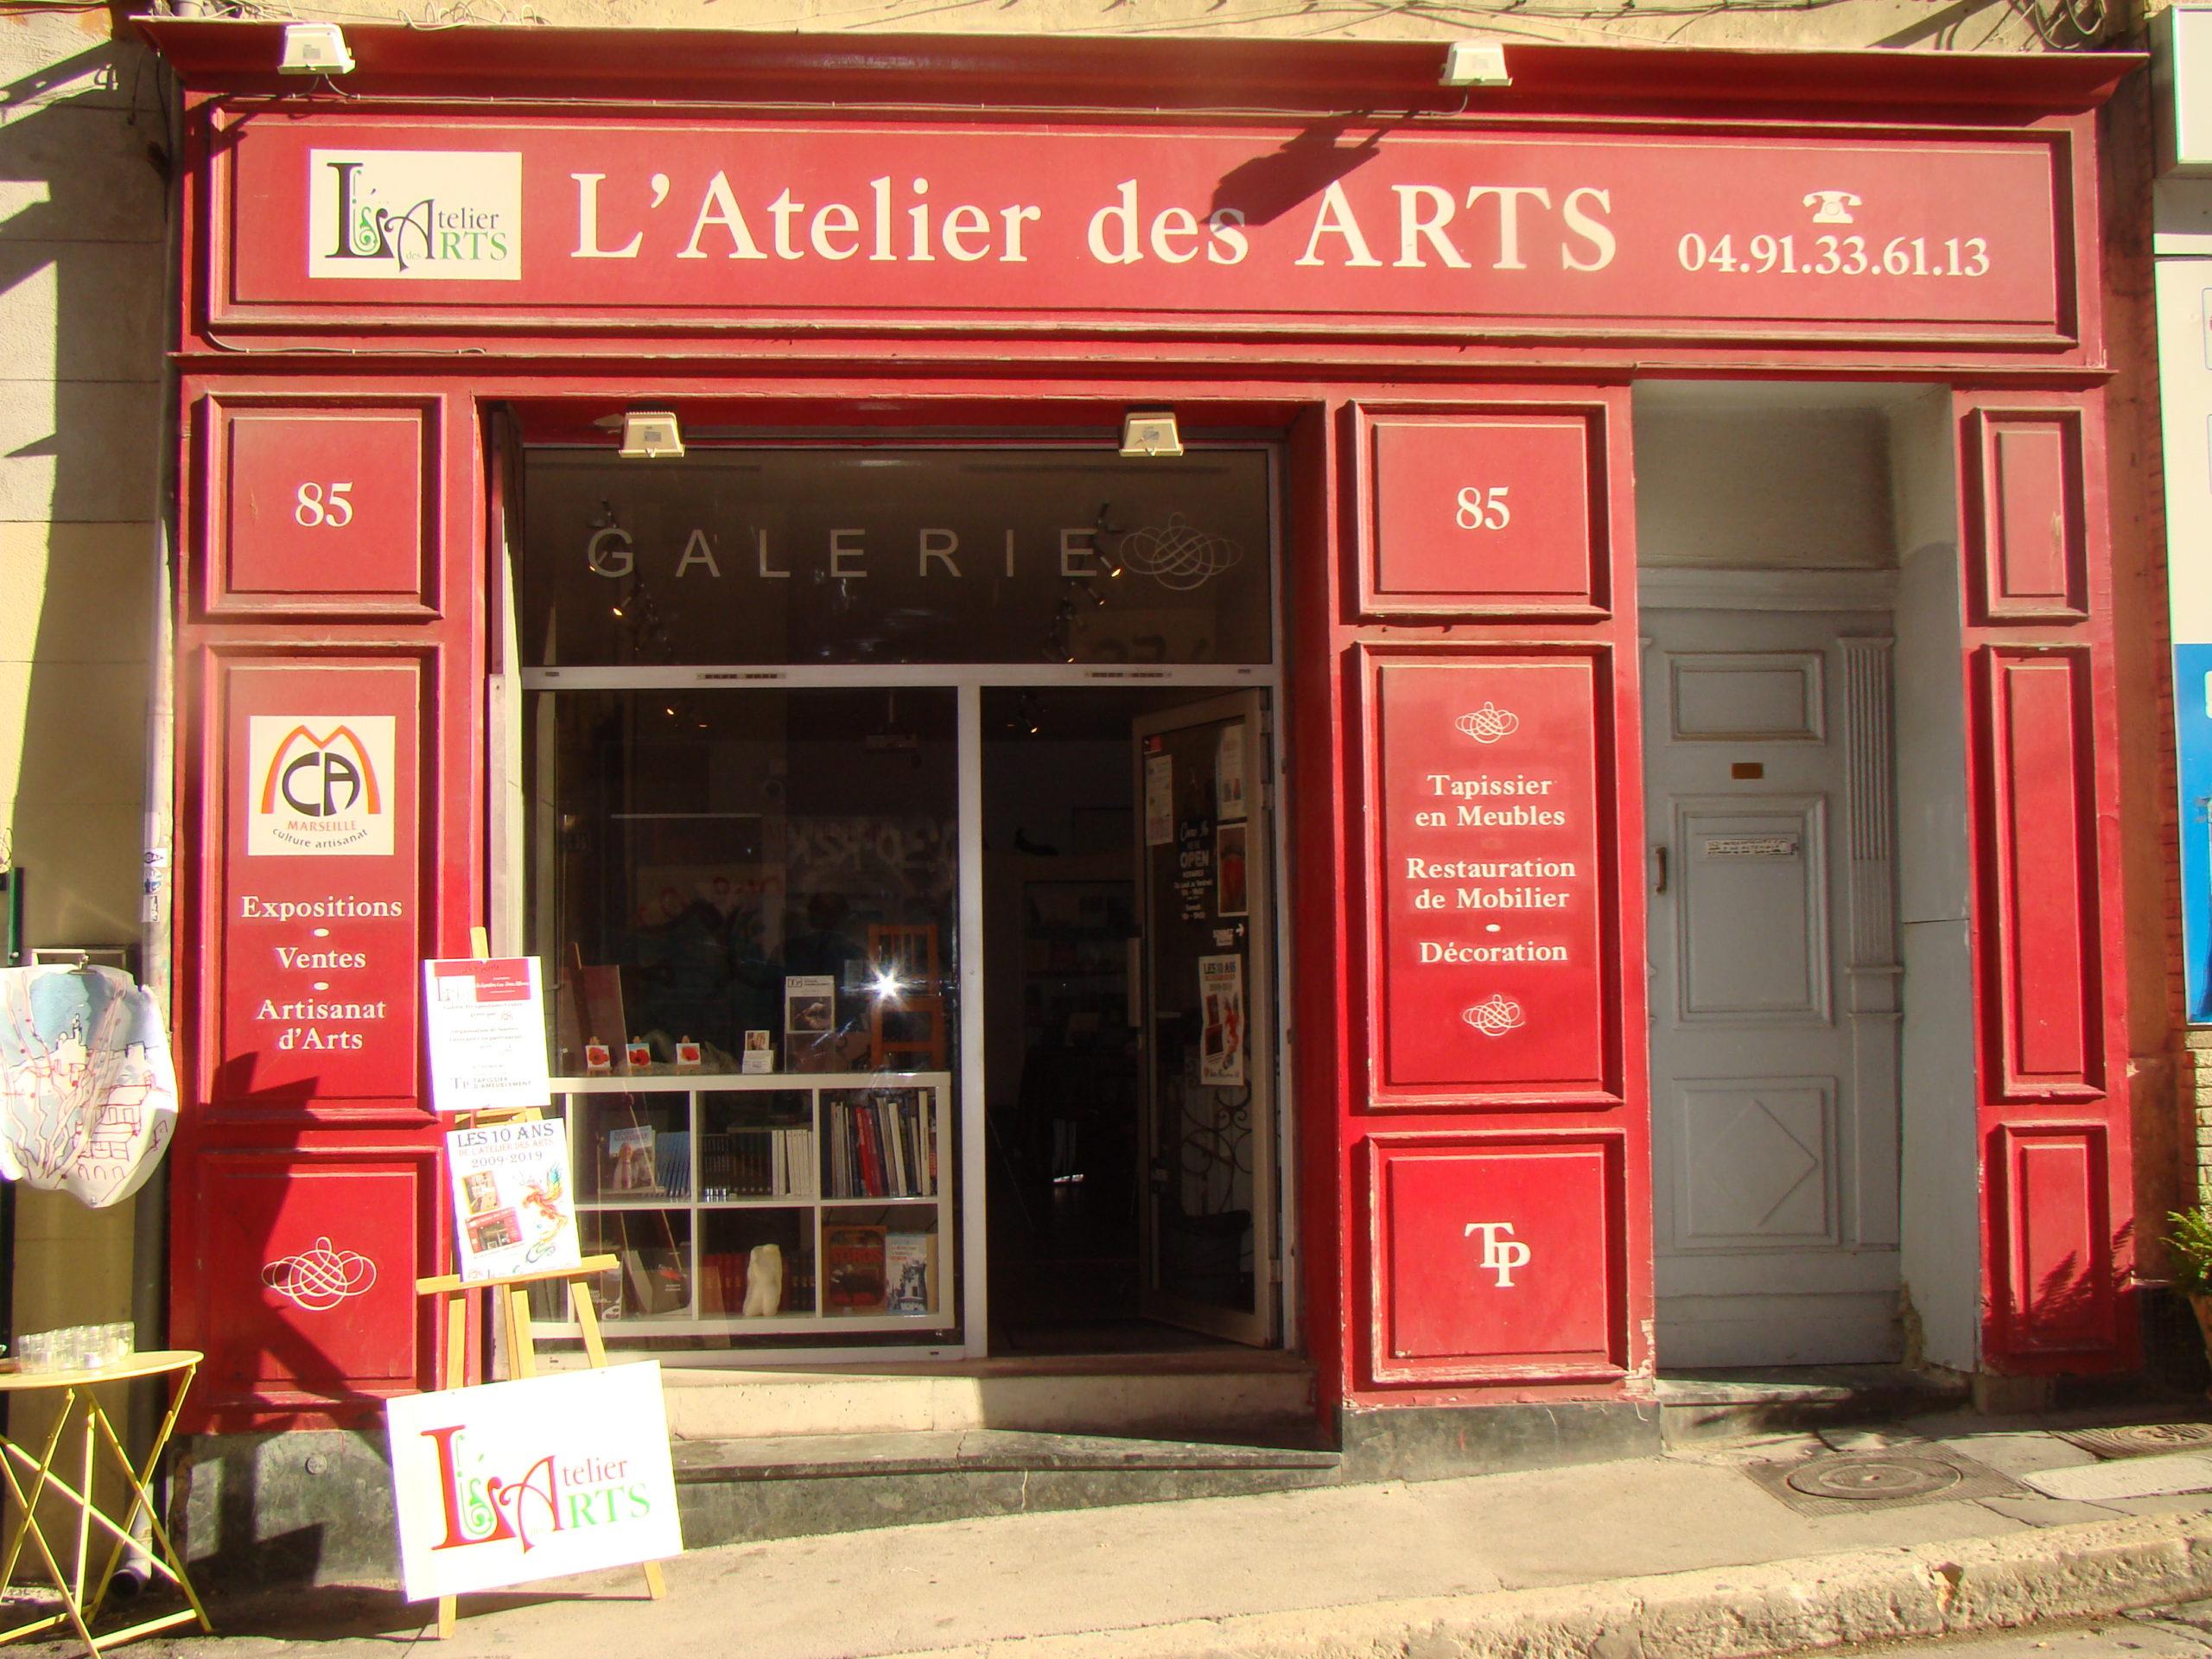 Atelier des ARTS : 14 novembre 2020 – (1) Enregistrement de l'échange entre David Gaussen et José Rose sur les Bibliothèques à Marseille – Le 17 novembre on retrouvera la vidéo sur le site de l'Atelier : http://latelierdesartsmarseille.fr/galerie/